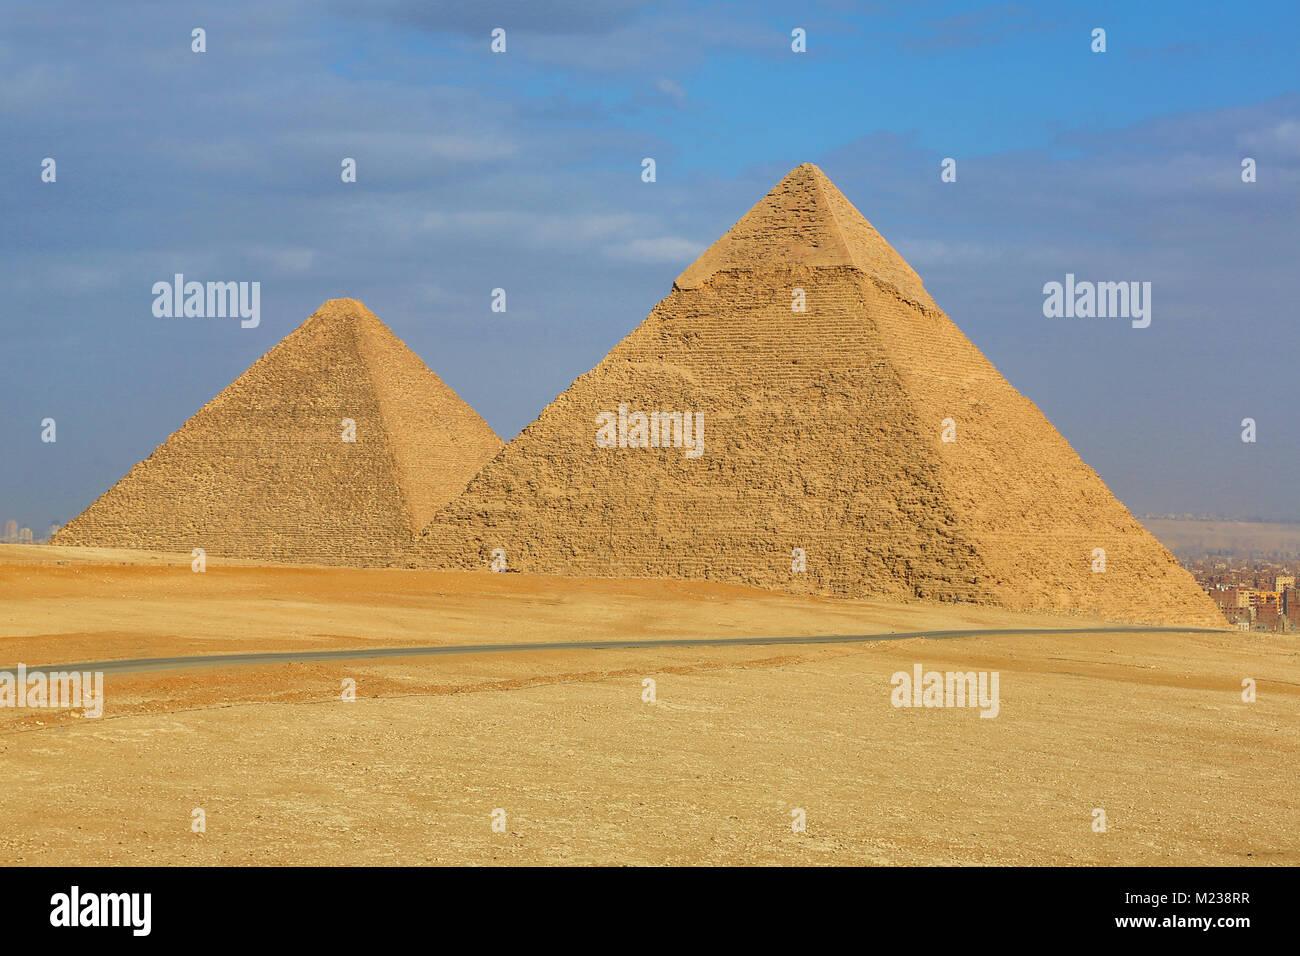 La grande pyramide de Khufu (CHEOPS) ou et de la pyramide de Khéphren Khafré (ou) sur le plateau de Gizeh, Photo Stock